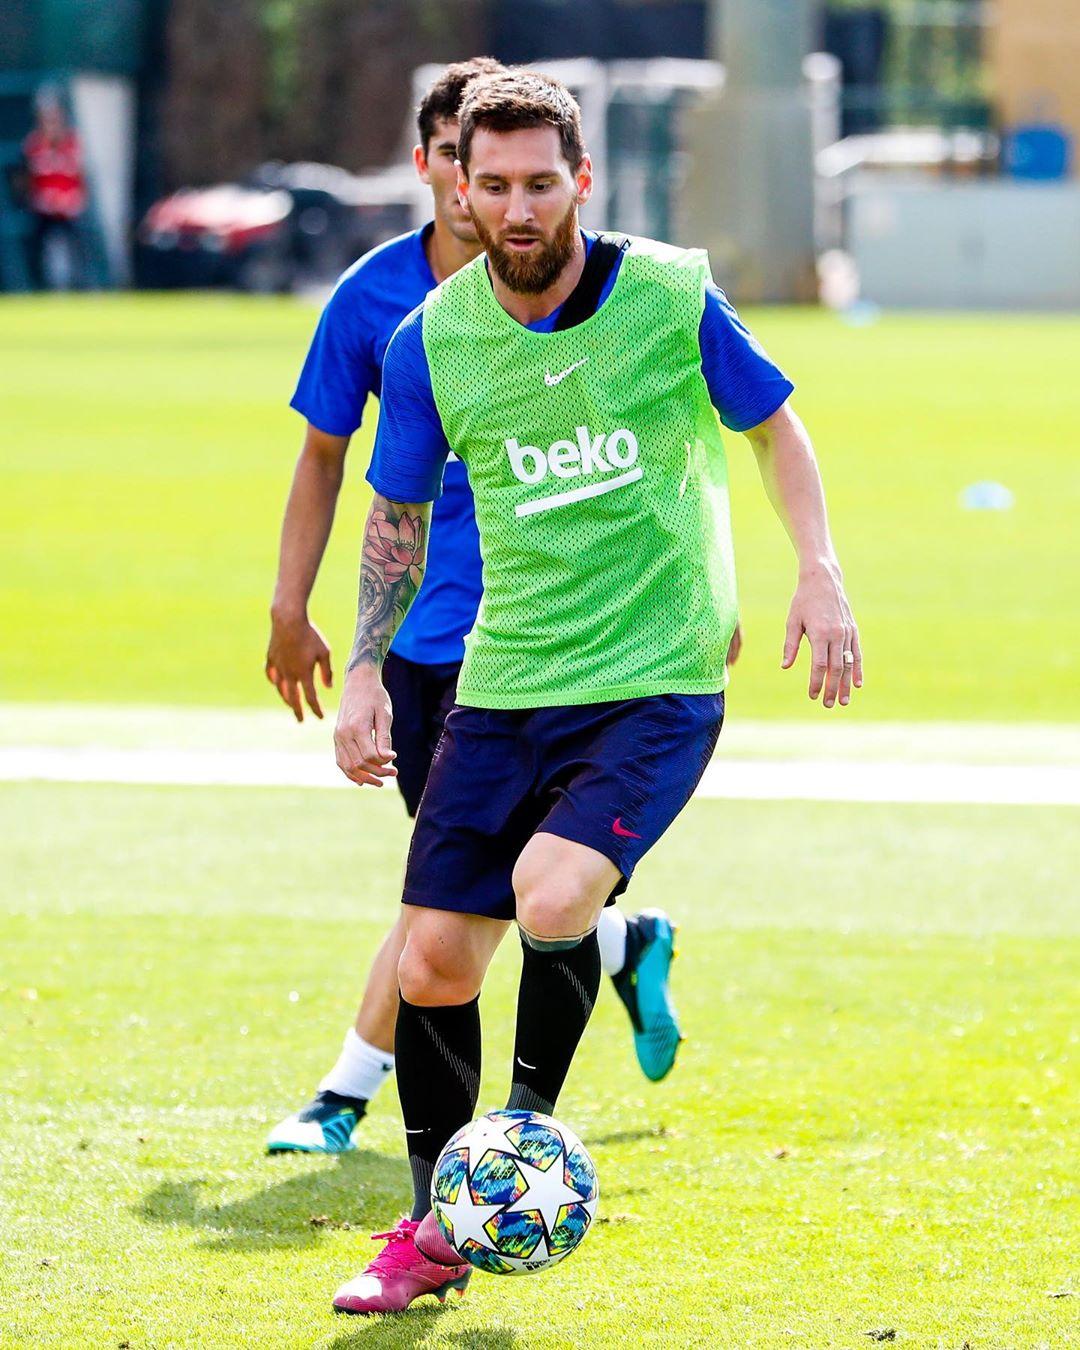 😱 ¡HA VUELTO! 😱 ¡HA VUELTO! 😱 ¡HA VUELTO! 😱  Excelentes noticias para el @FCBarcelona, Messi ya entrena con el grupo y se espera que pueda jugar algunos minutos en la @ChampionsLeague https://t.co/AZSKlH8Mu1